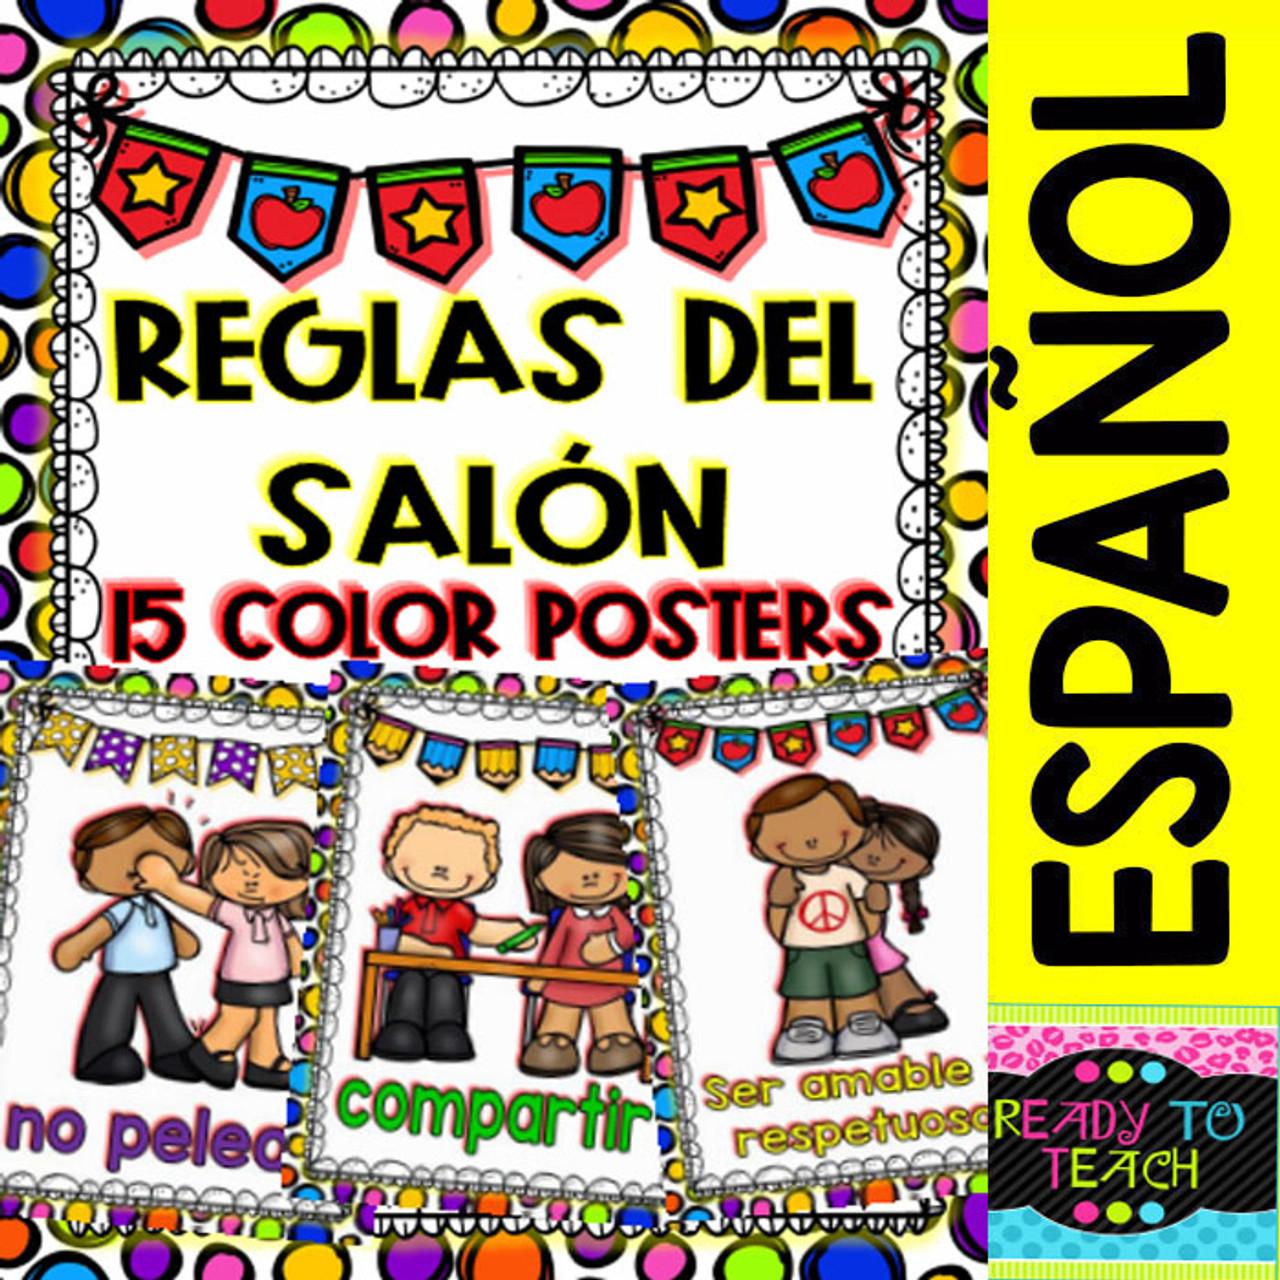 Posters - Reglas del Salon de Clases